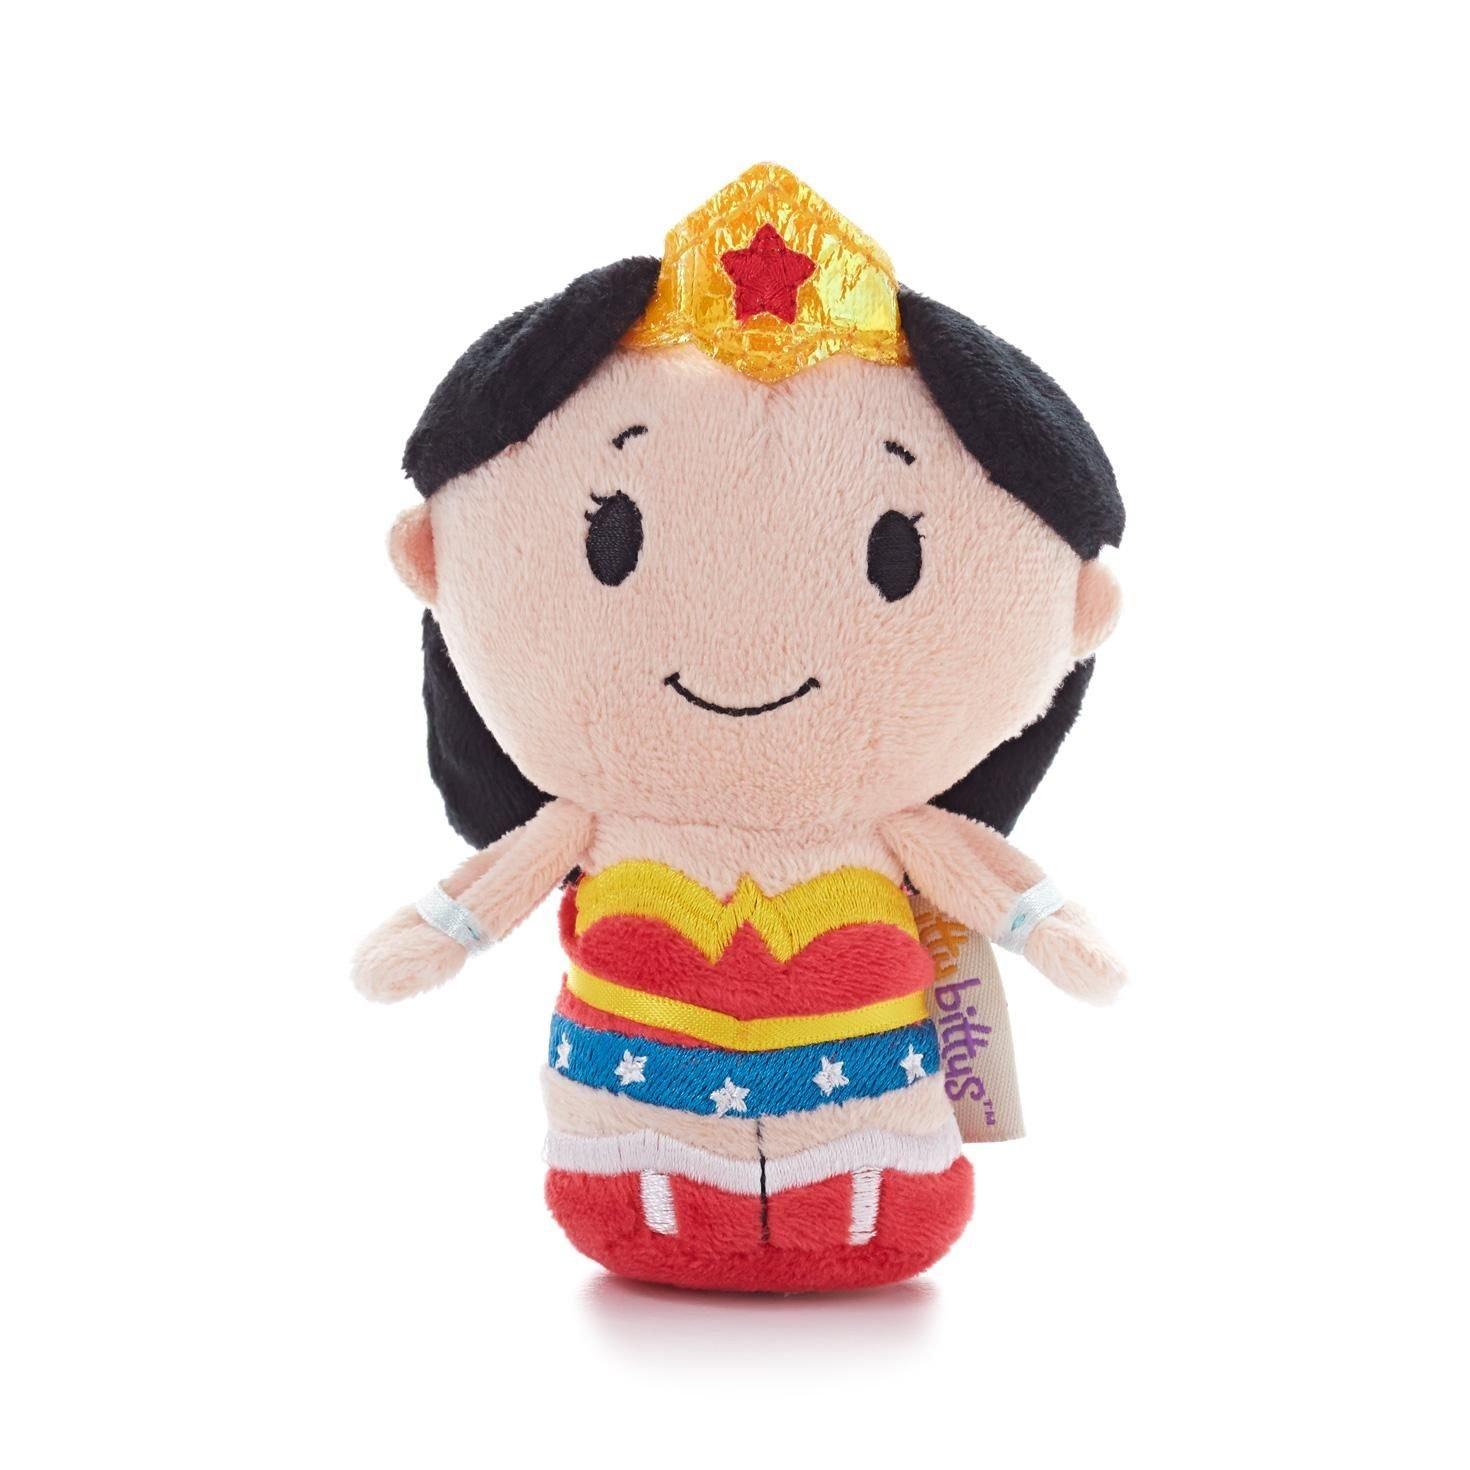 DC Comics Hallmark, Tarjeta de felicitación por el Día de la Madre para Abuelas con diseño de Warner Bros Saving The Day, tamaño Mediano: Amazon.es: ...